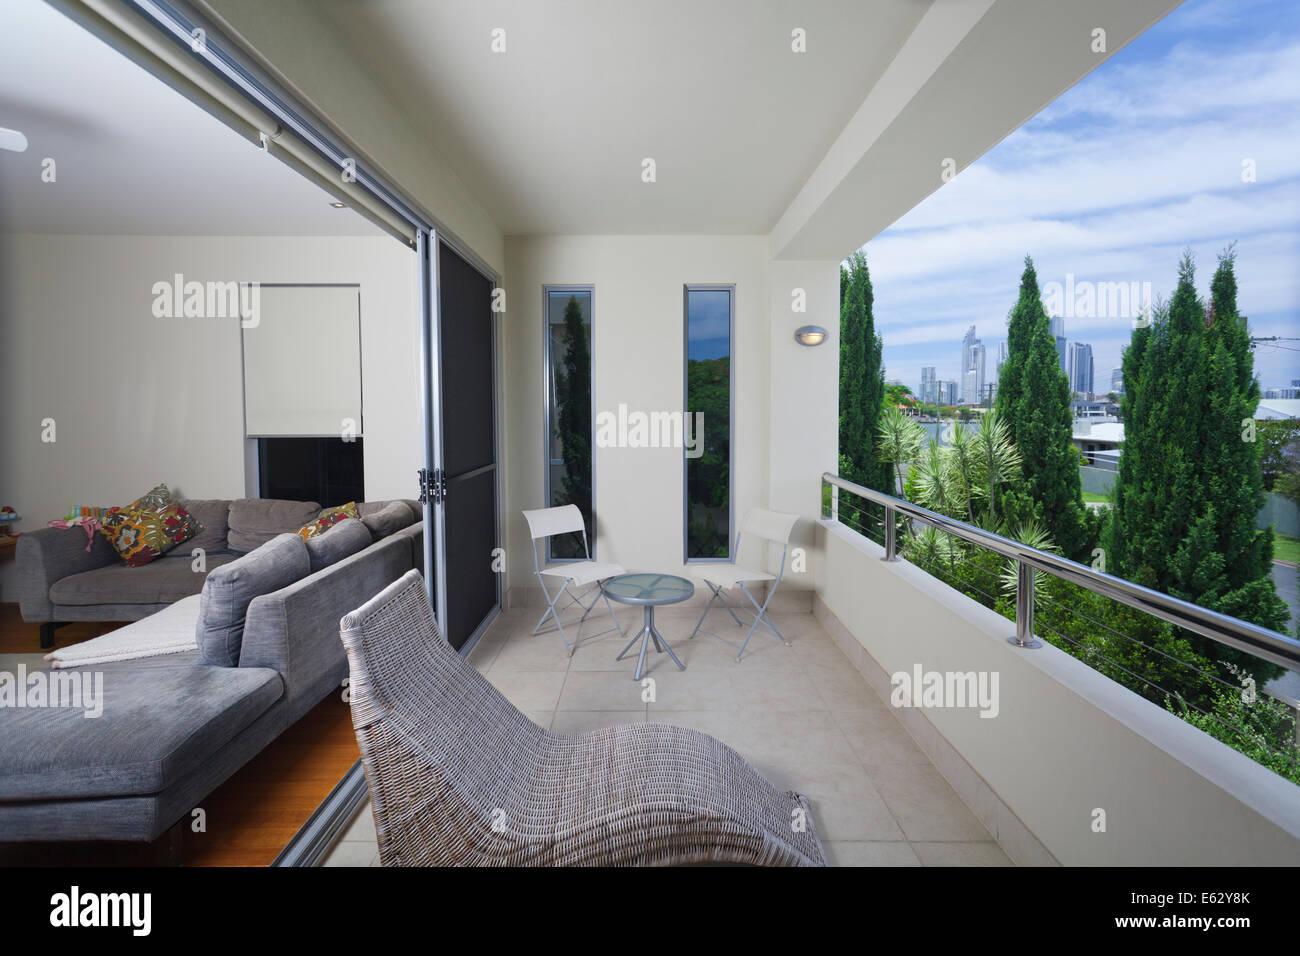 Stilvolle Balkon mit Stühlen mit Blick auf die Stadt Stockbild